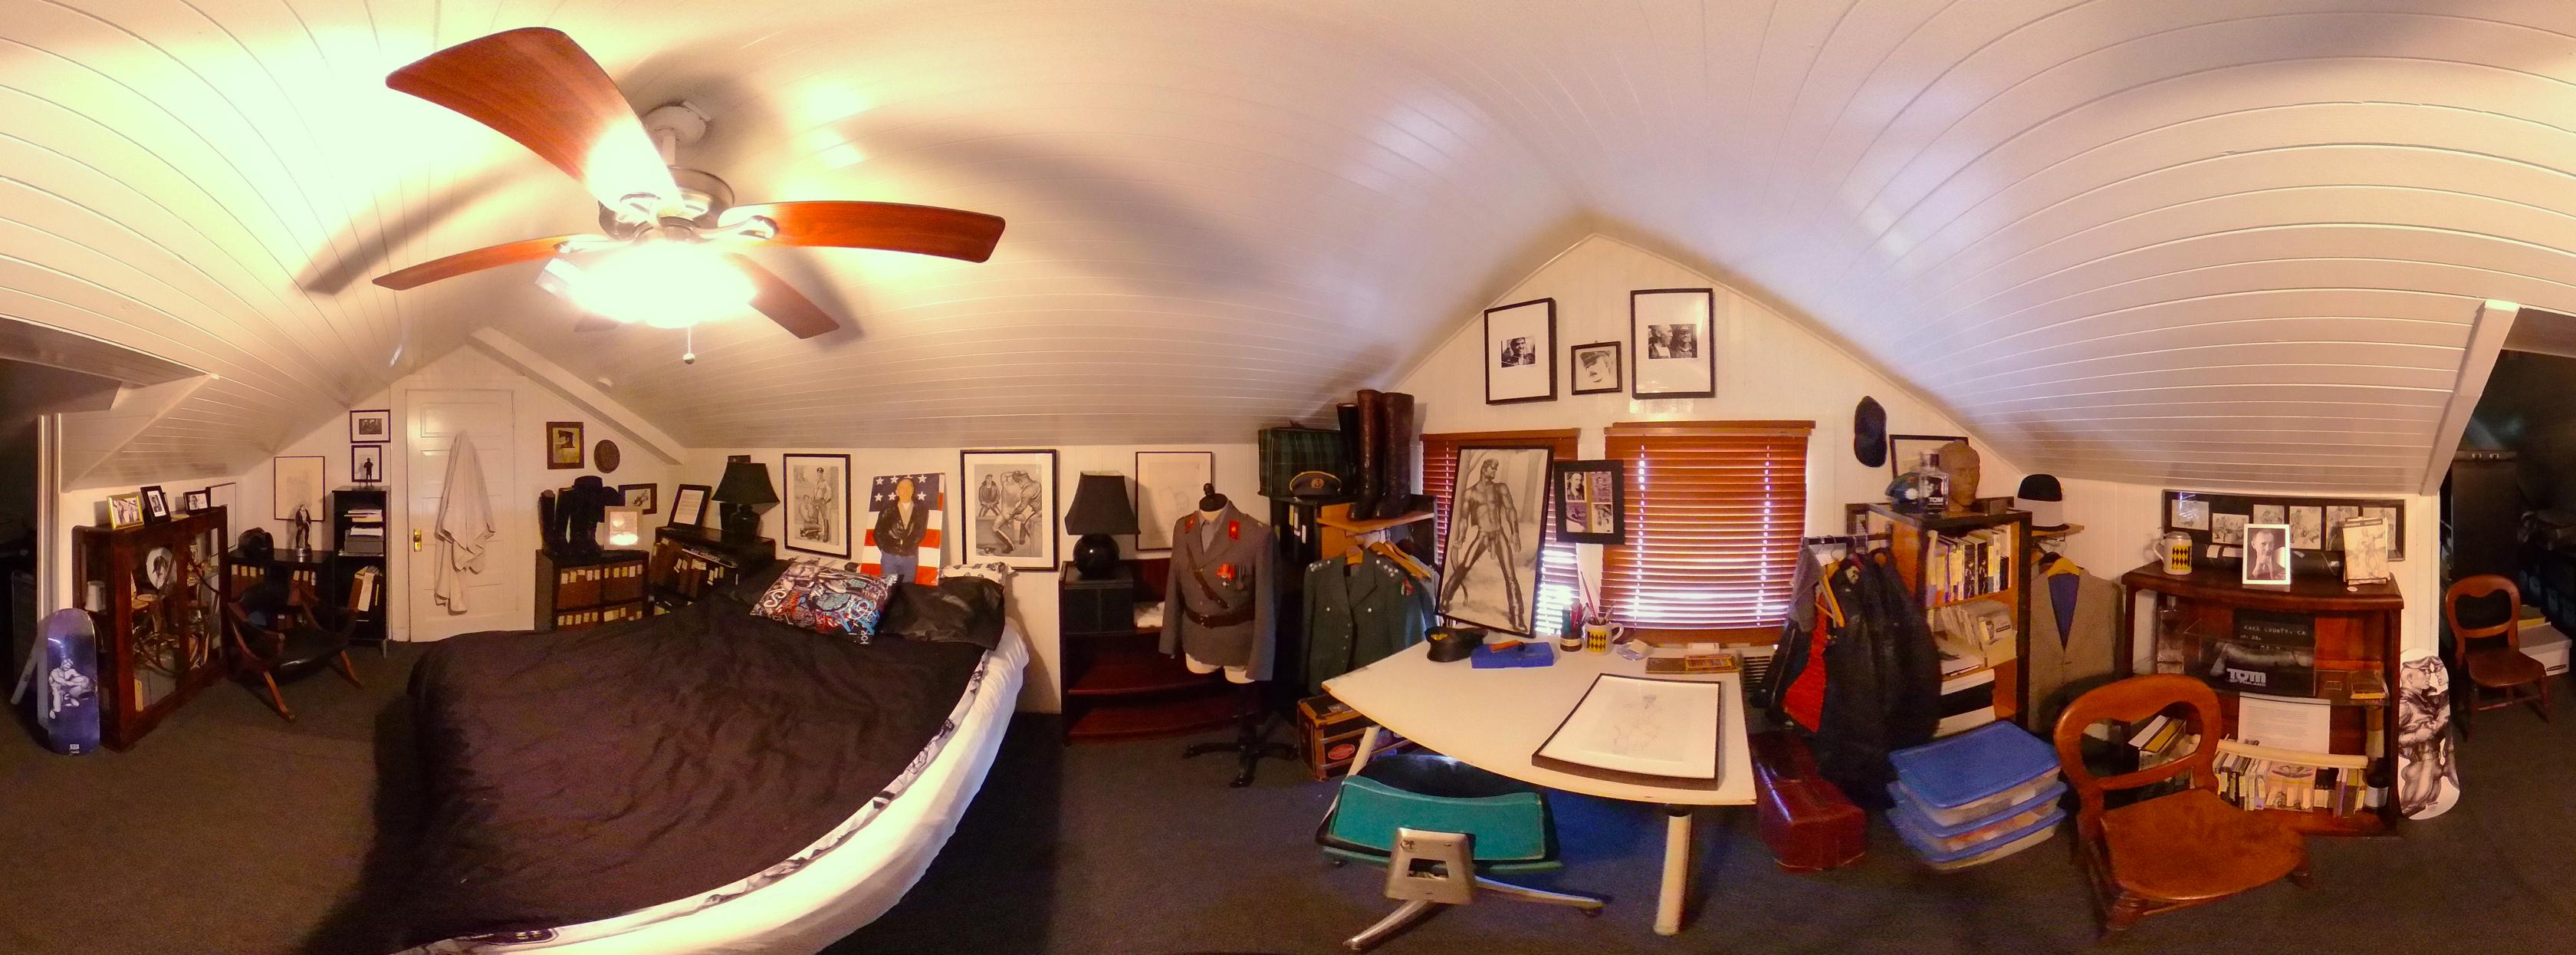 Panoraama Tom of Finlandin huoneesta The Tom Housessa. Kuvassa näkyy paljon erilaista tavaraa, kuten tauluja, sänky, pöytä, ikkuna, sälekaihtimet ja kattotuuletin.